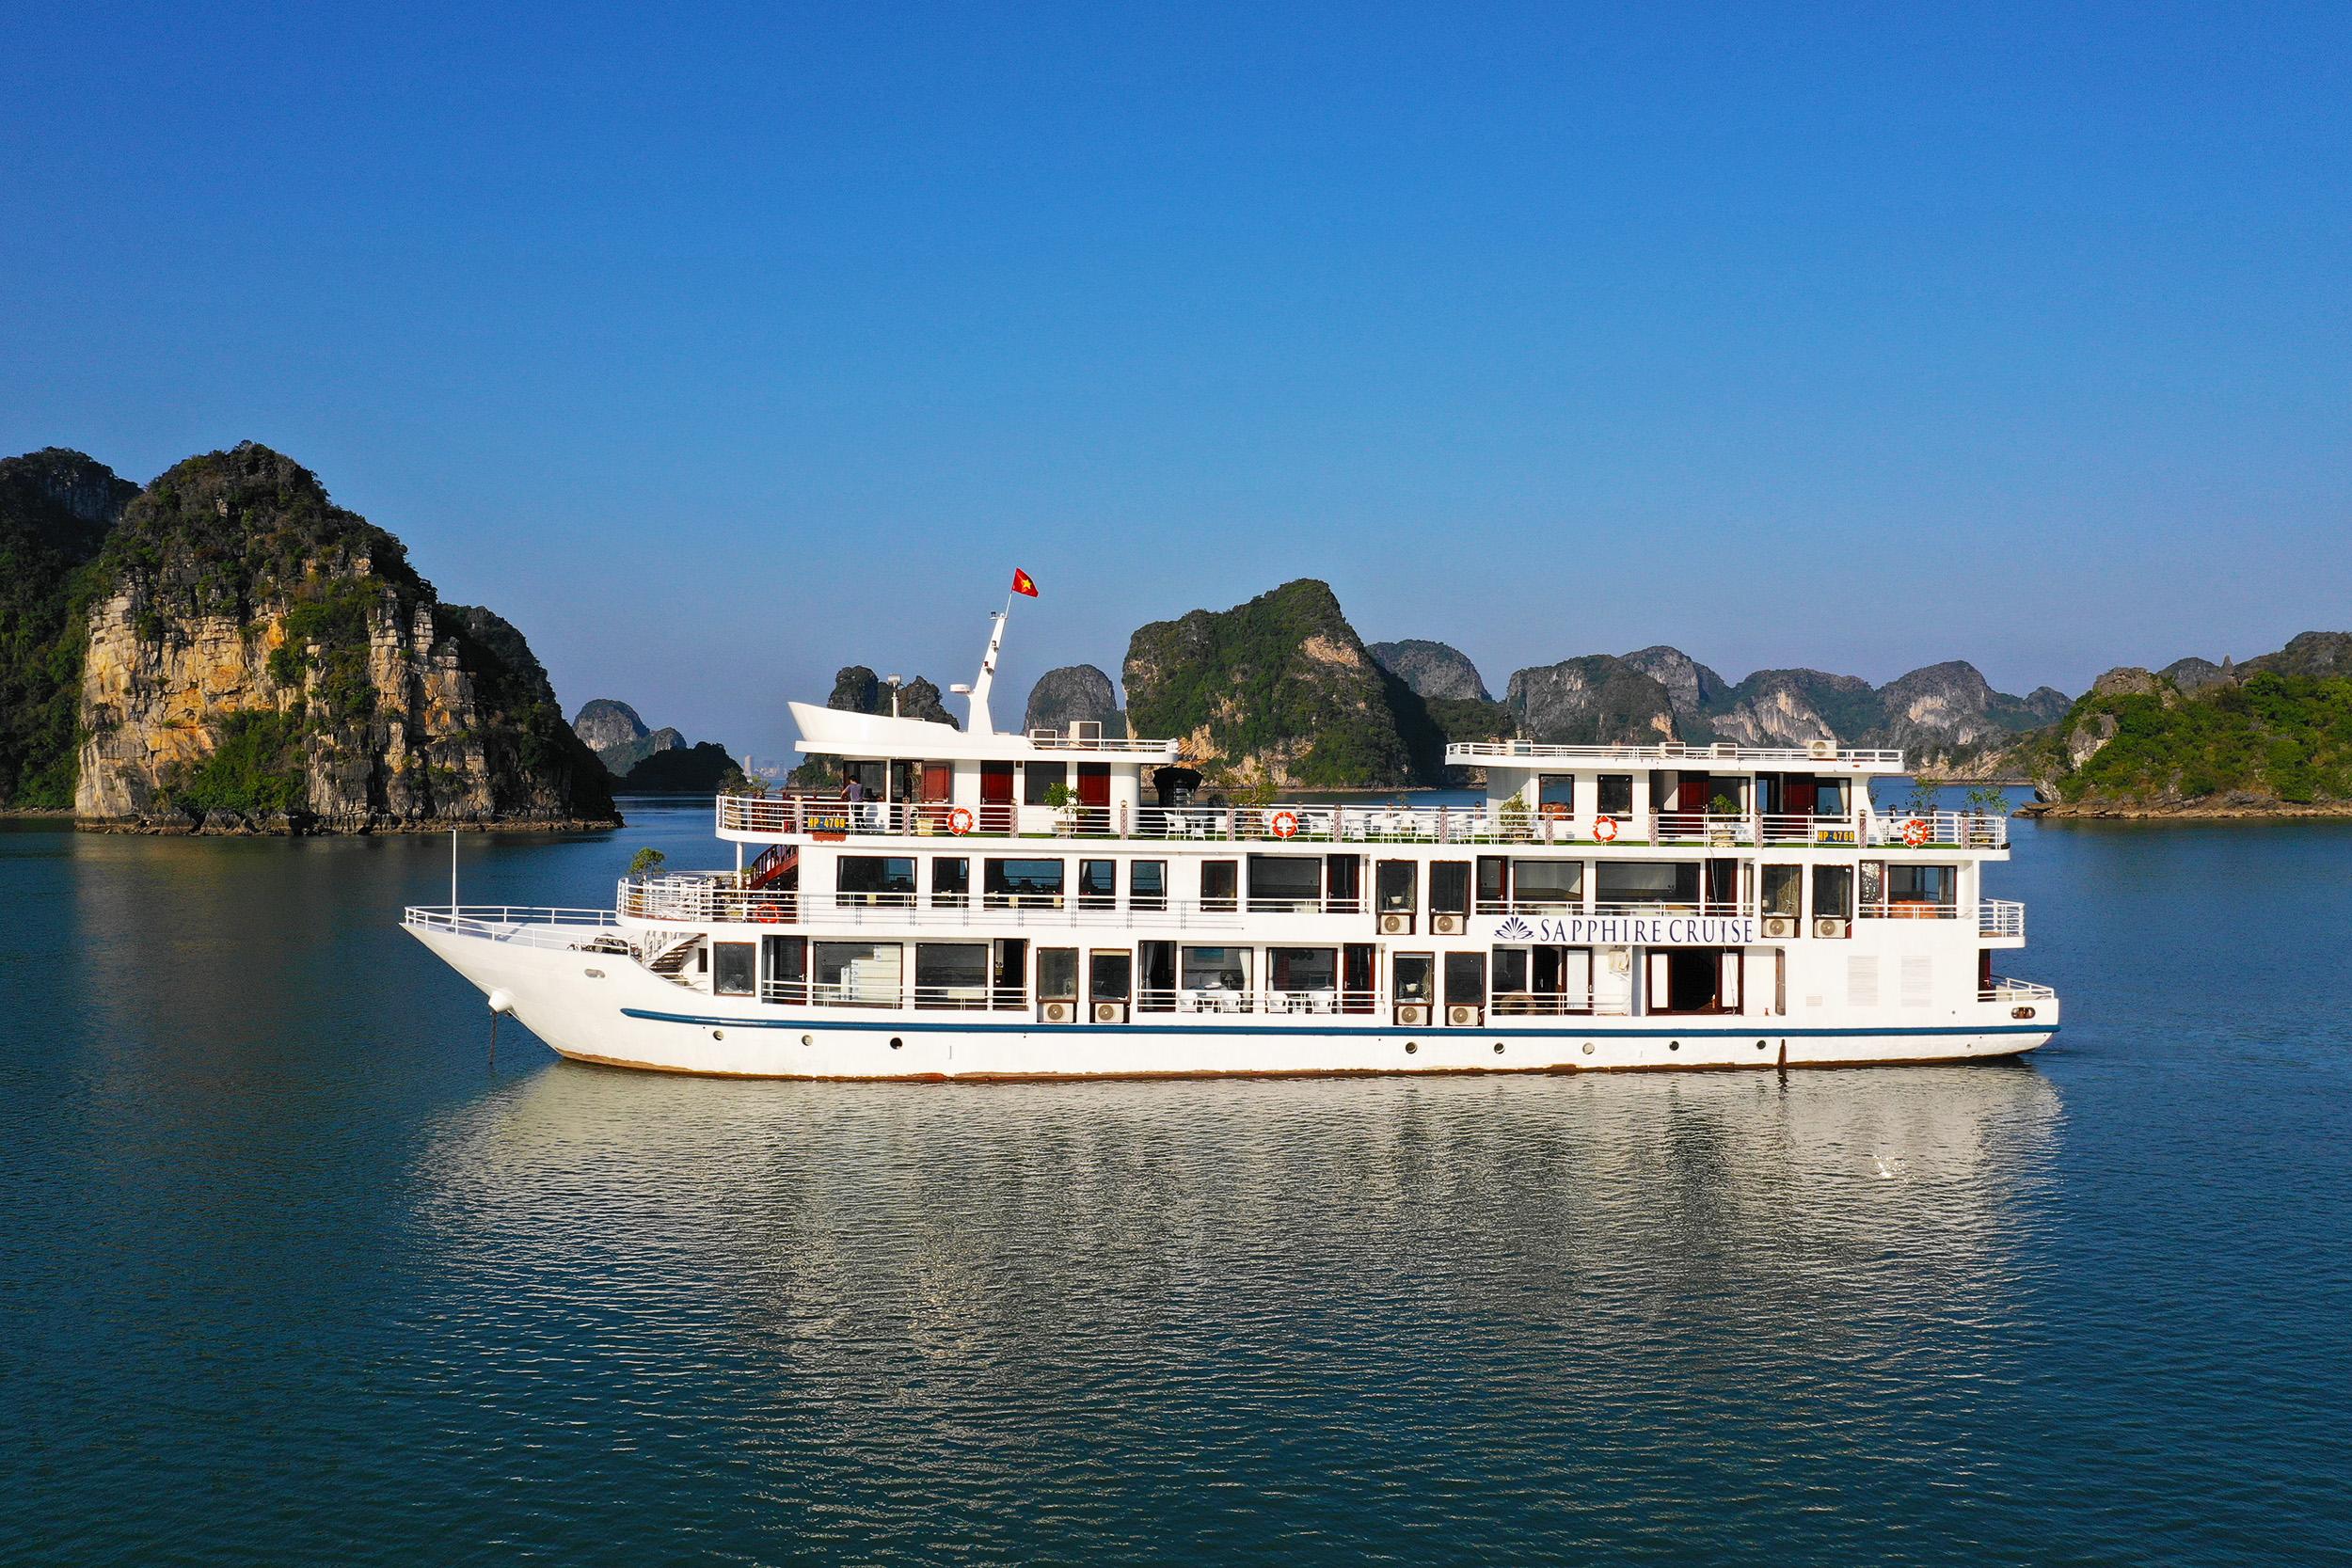 Du Lịch  trên tàu Sapphire Cruise (2 ngày)